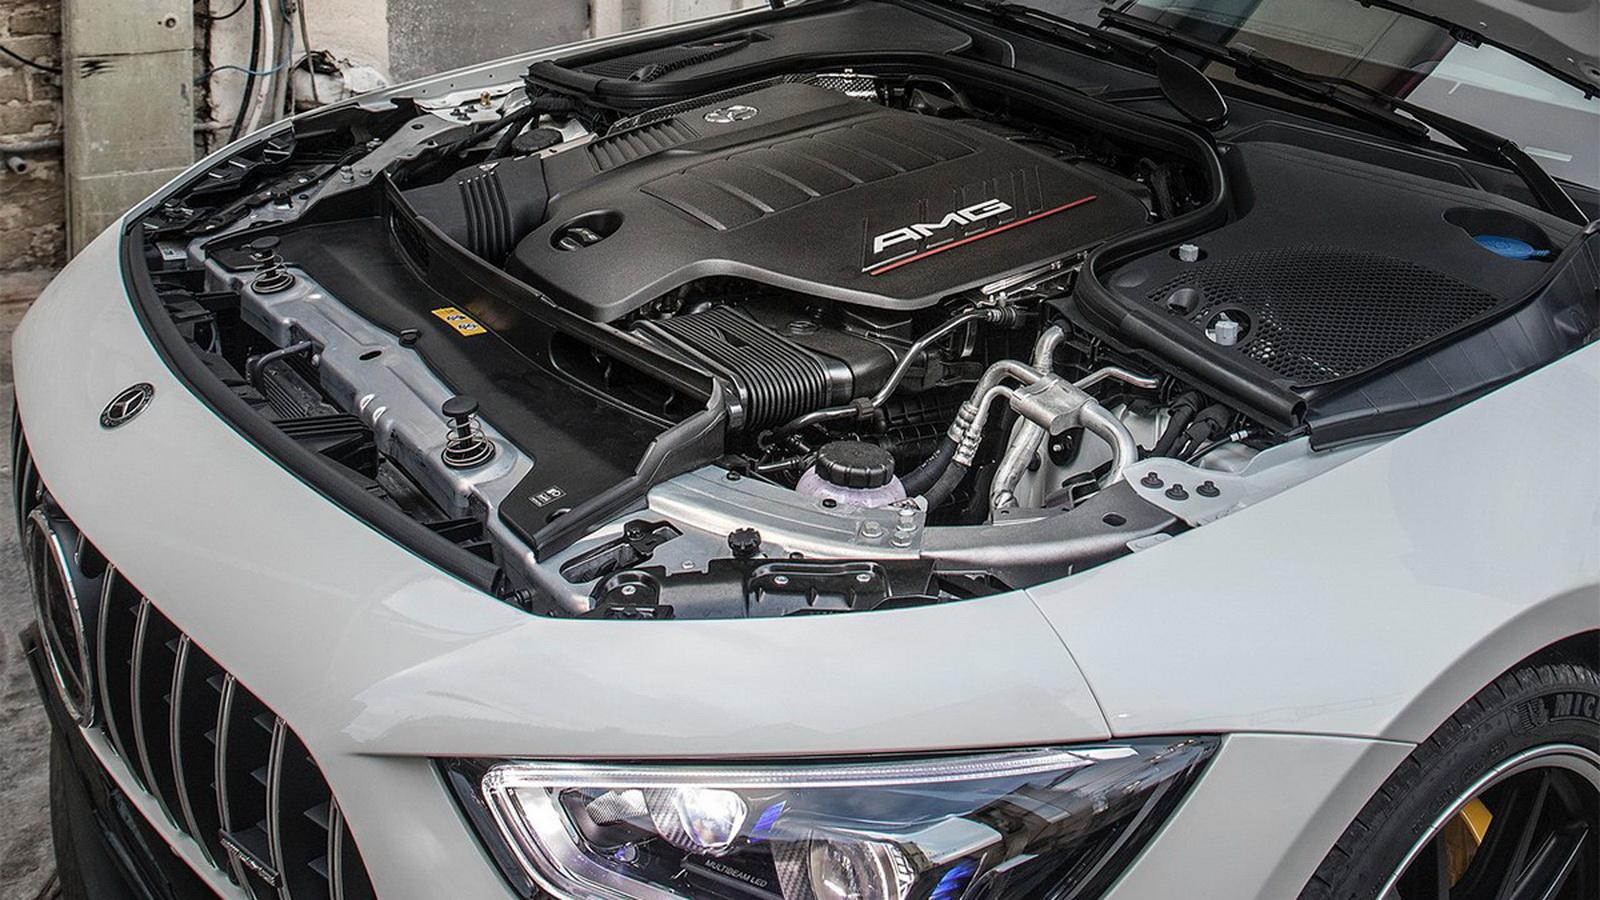 圖/2020 M-Benz AMG GT 4-Door Coupe 53 4MATIC+在獨特雙渦輪配置下,能繳出435匹最大馬力與53.0kgm最高扭力的動力表現。